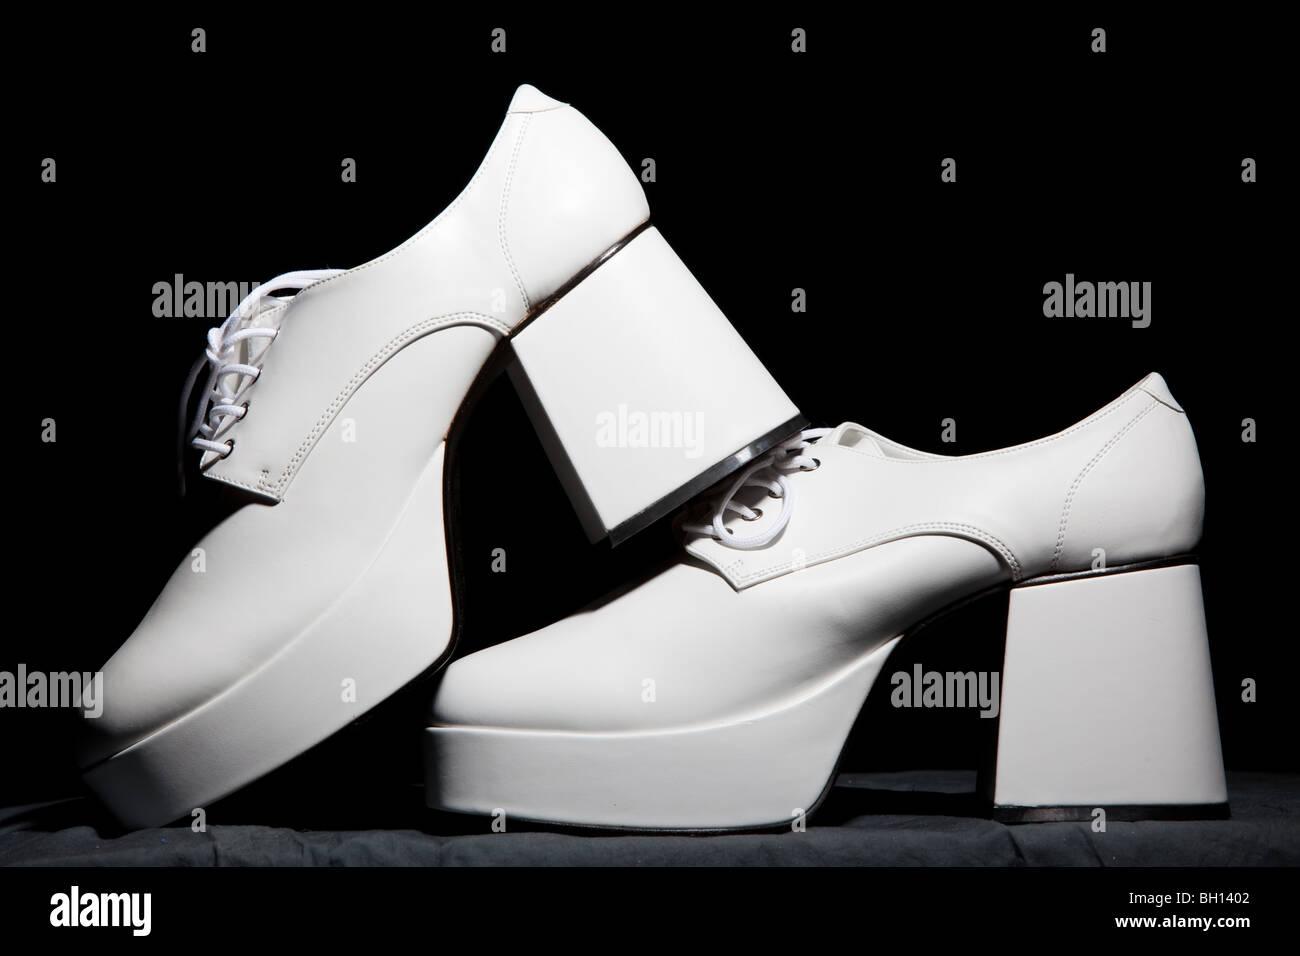 Mens zapatos con plataforma blanca Imagen De Stock